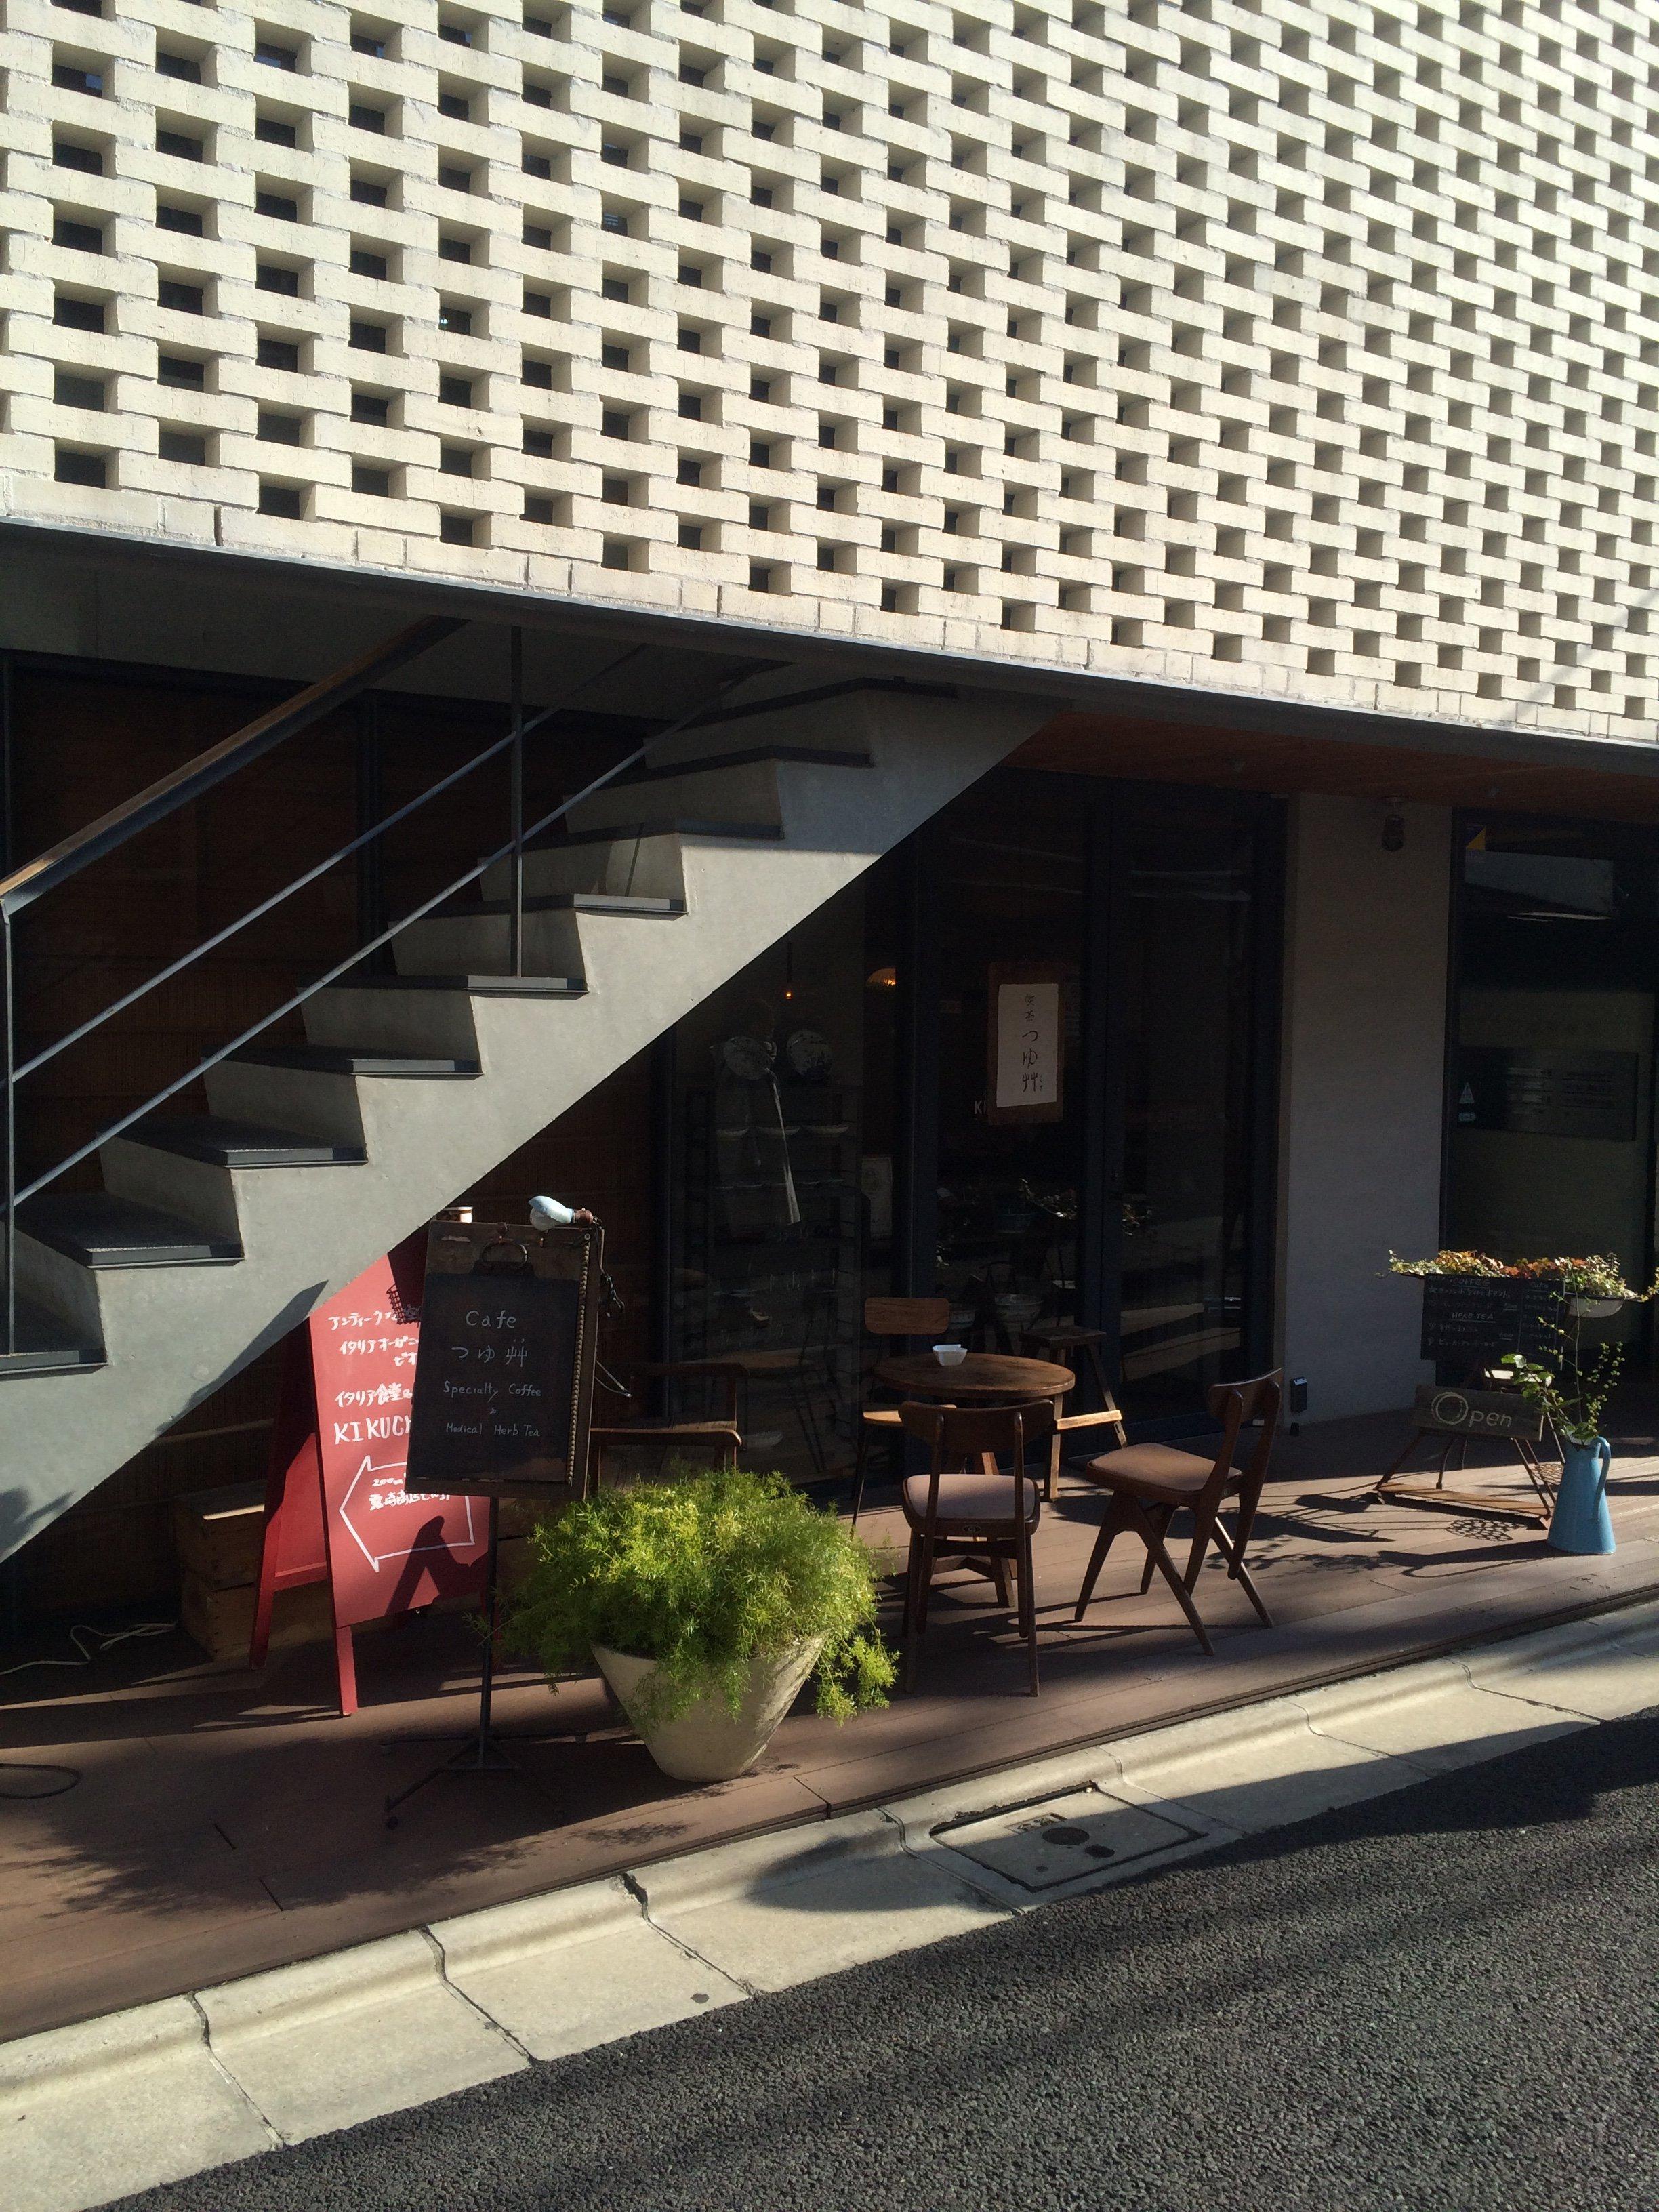 行ってみたい下北沢南口のカフェ「つゆ艸(くさ)」